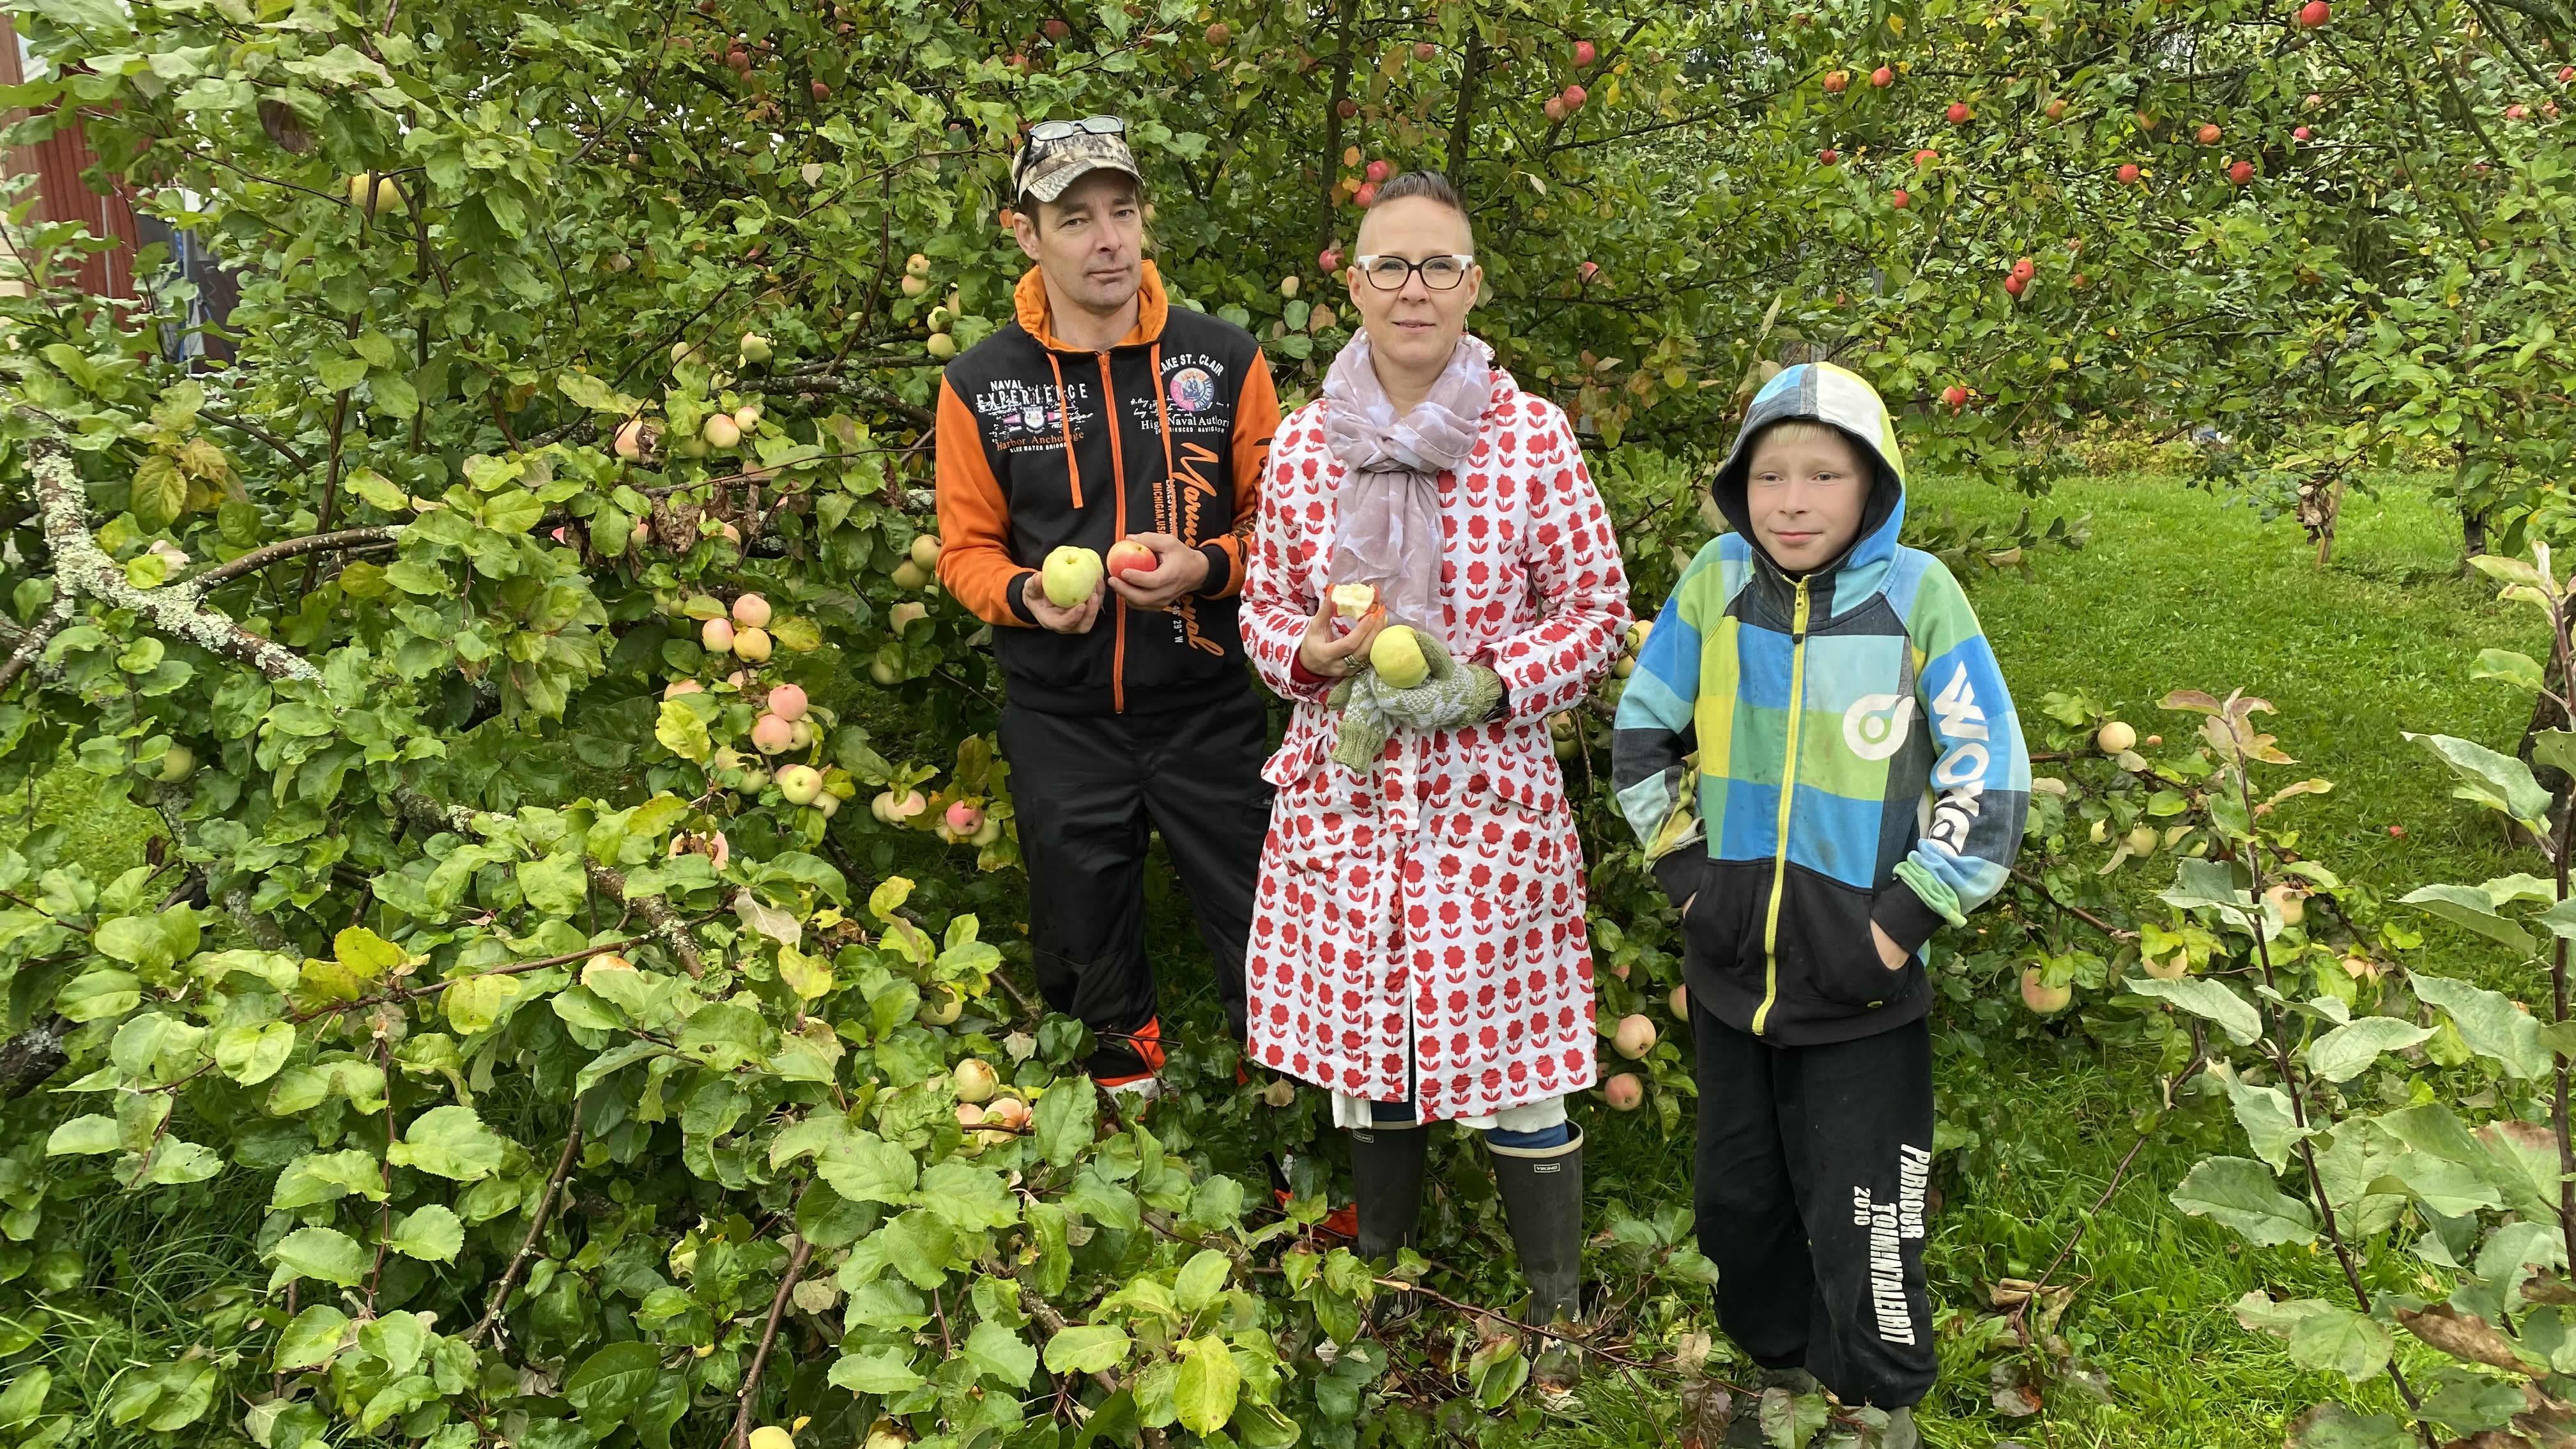 Rantasalmelainen Korhosen perhe hukkuu omenoihin